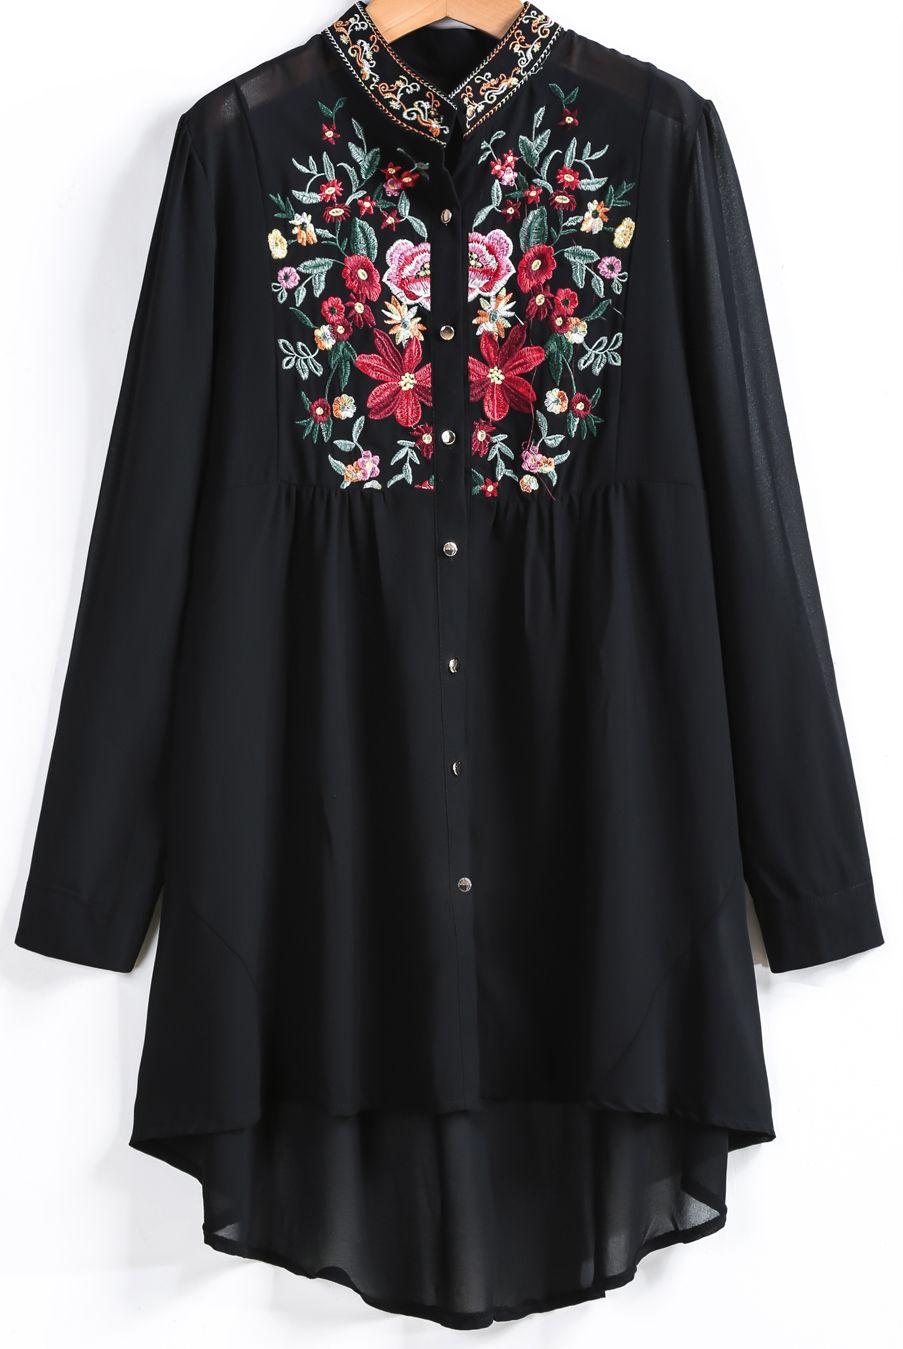 Blusa bordada manga larga-negro 22.24  07212d639c05